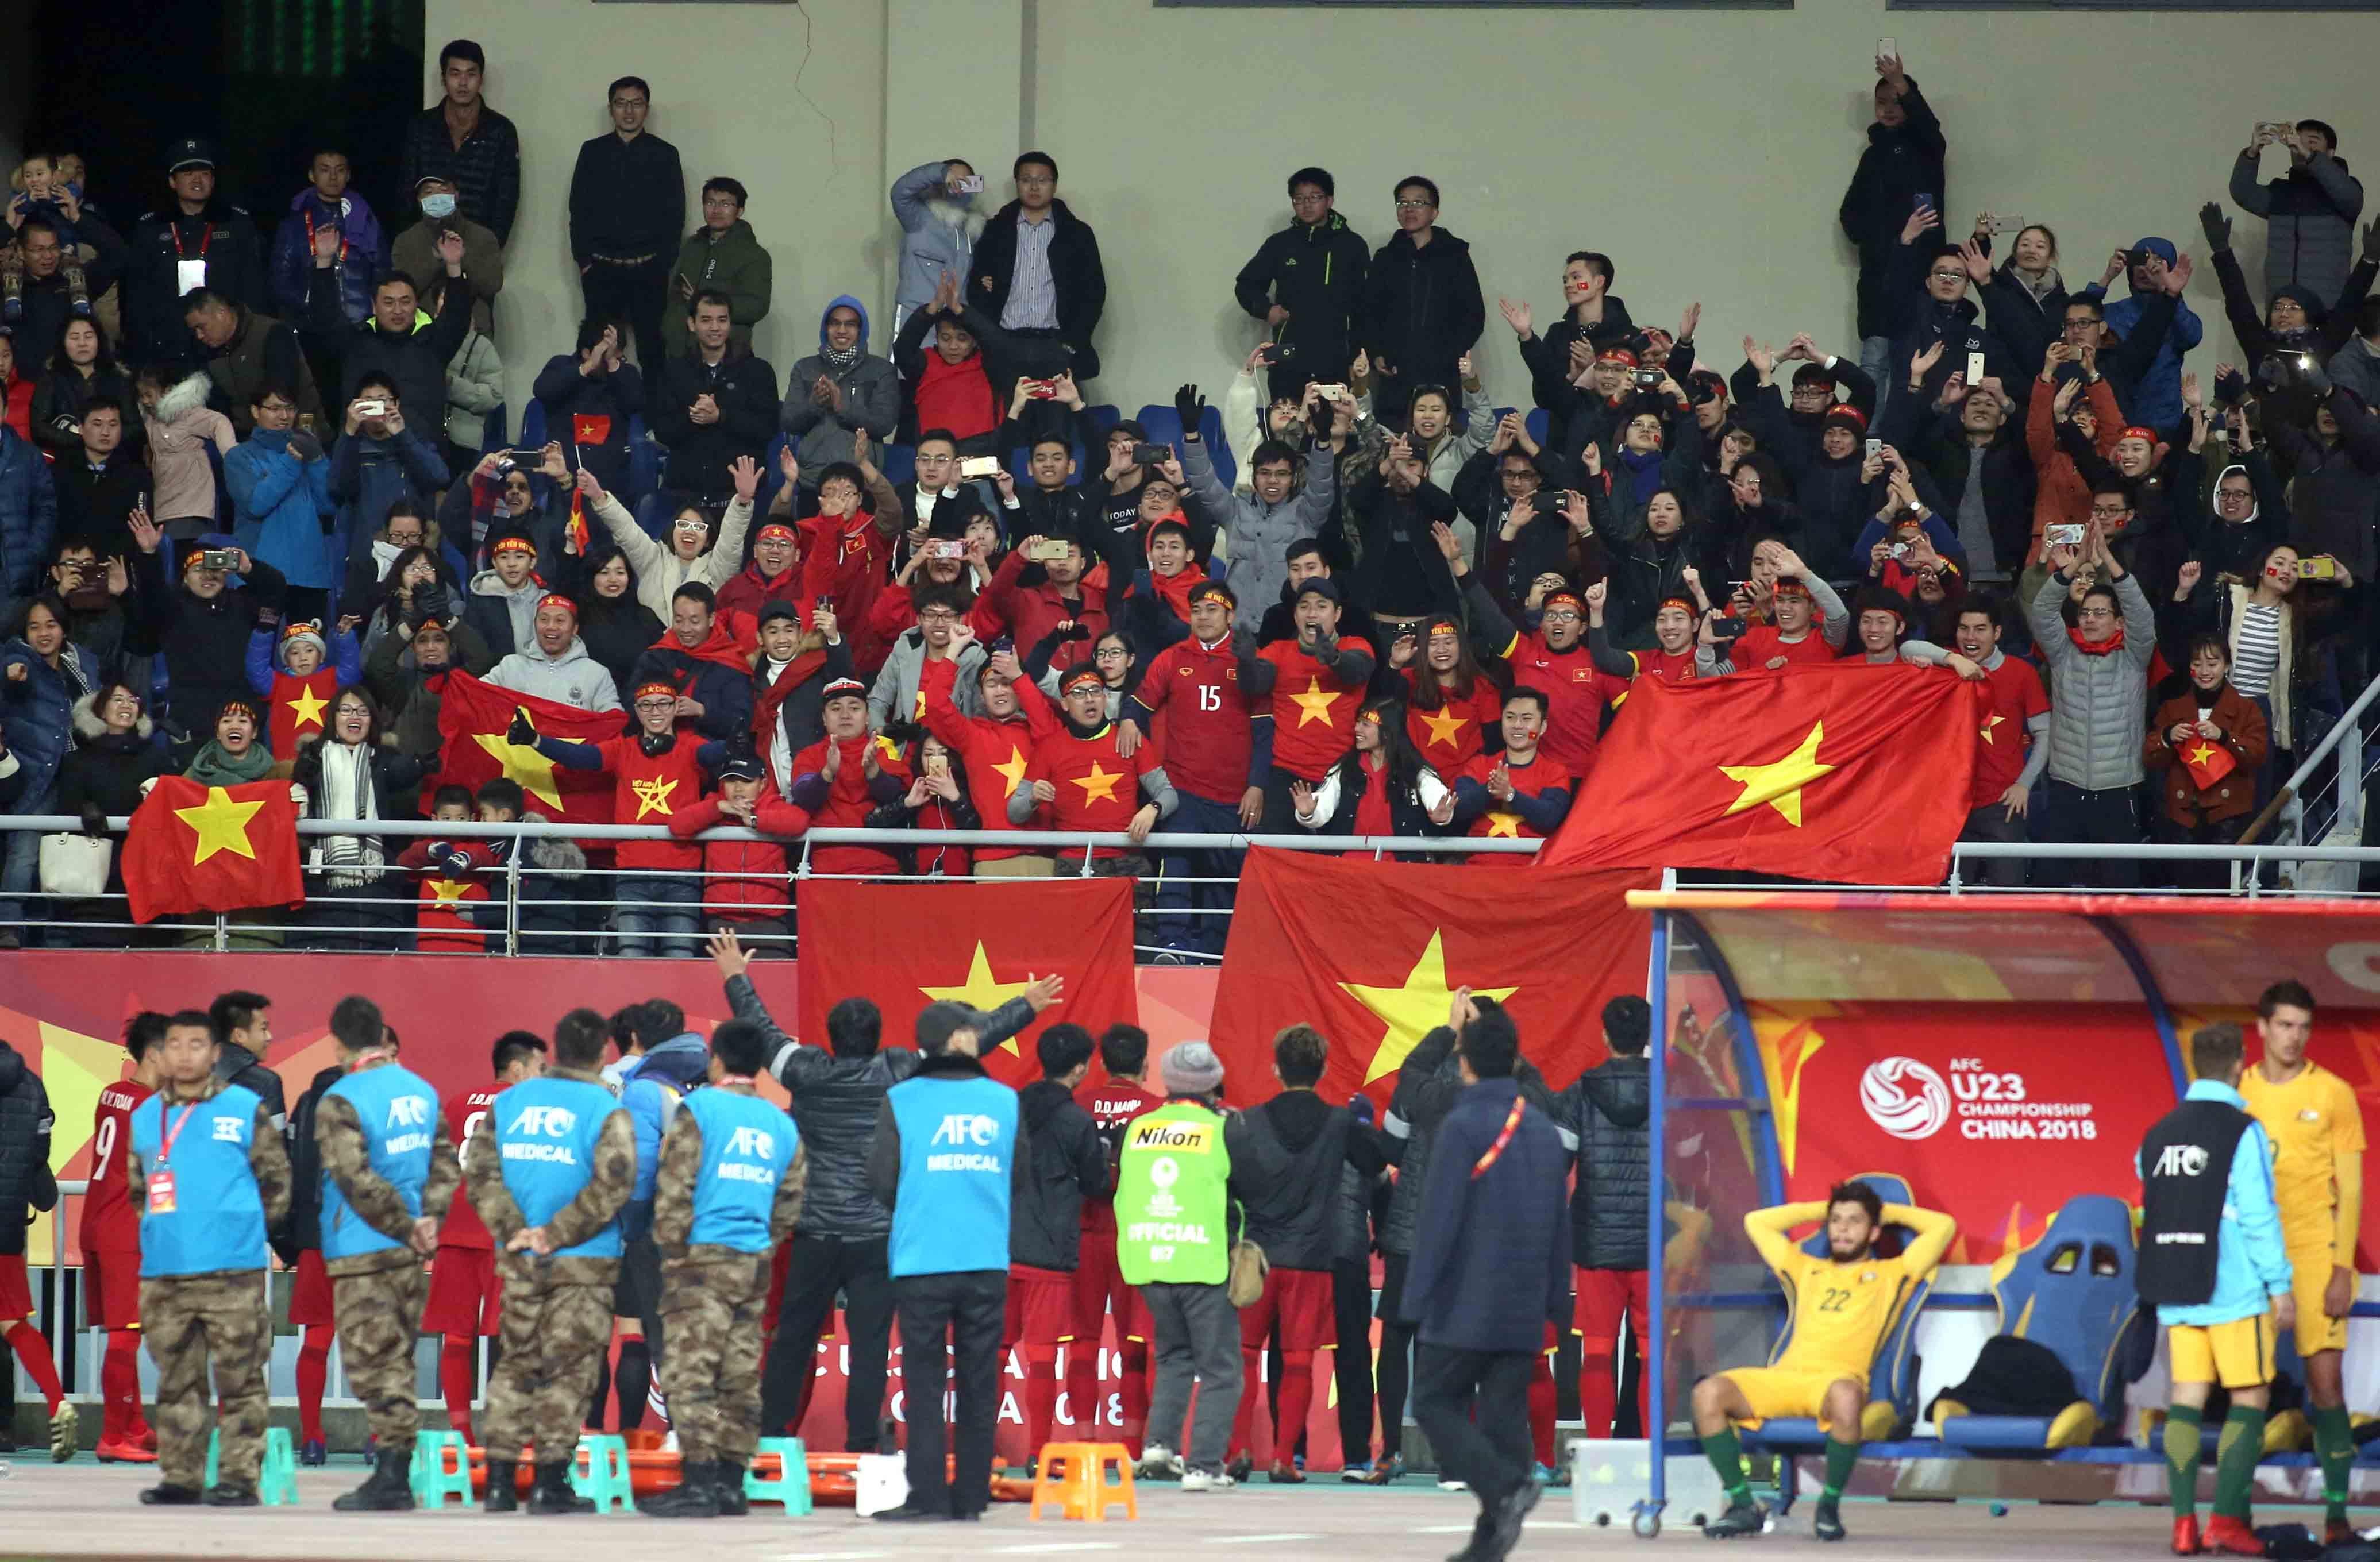 Các cầu thủ U-23 VN đến chào và cảm ơn khán giả VN sau trận đấu với Úc Ảnh: NGUYÊN KHÔI